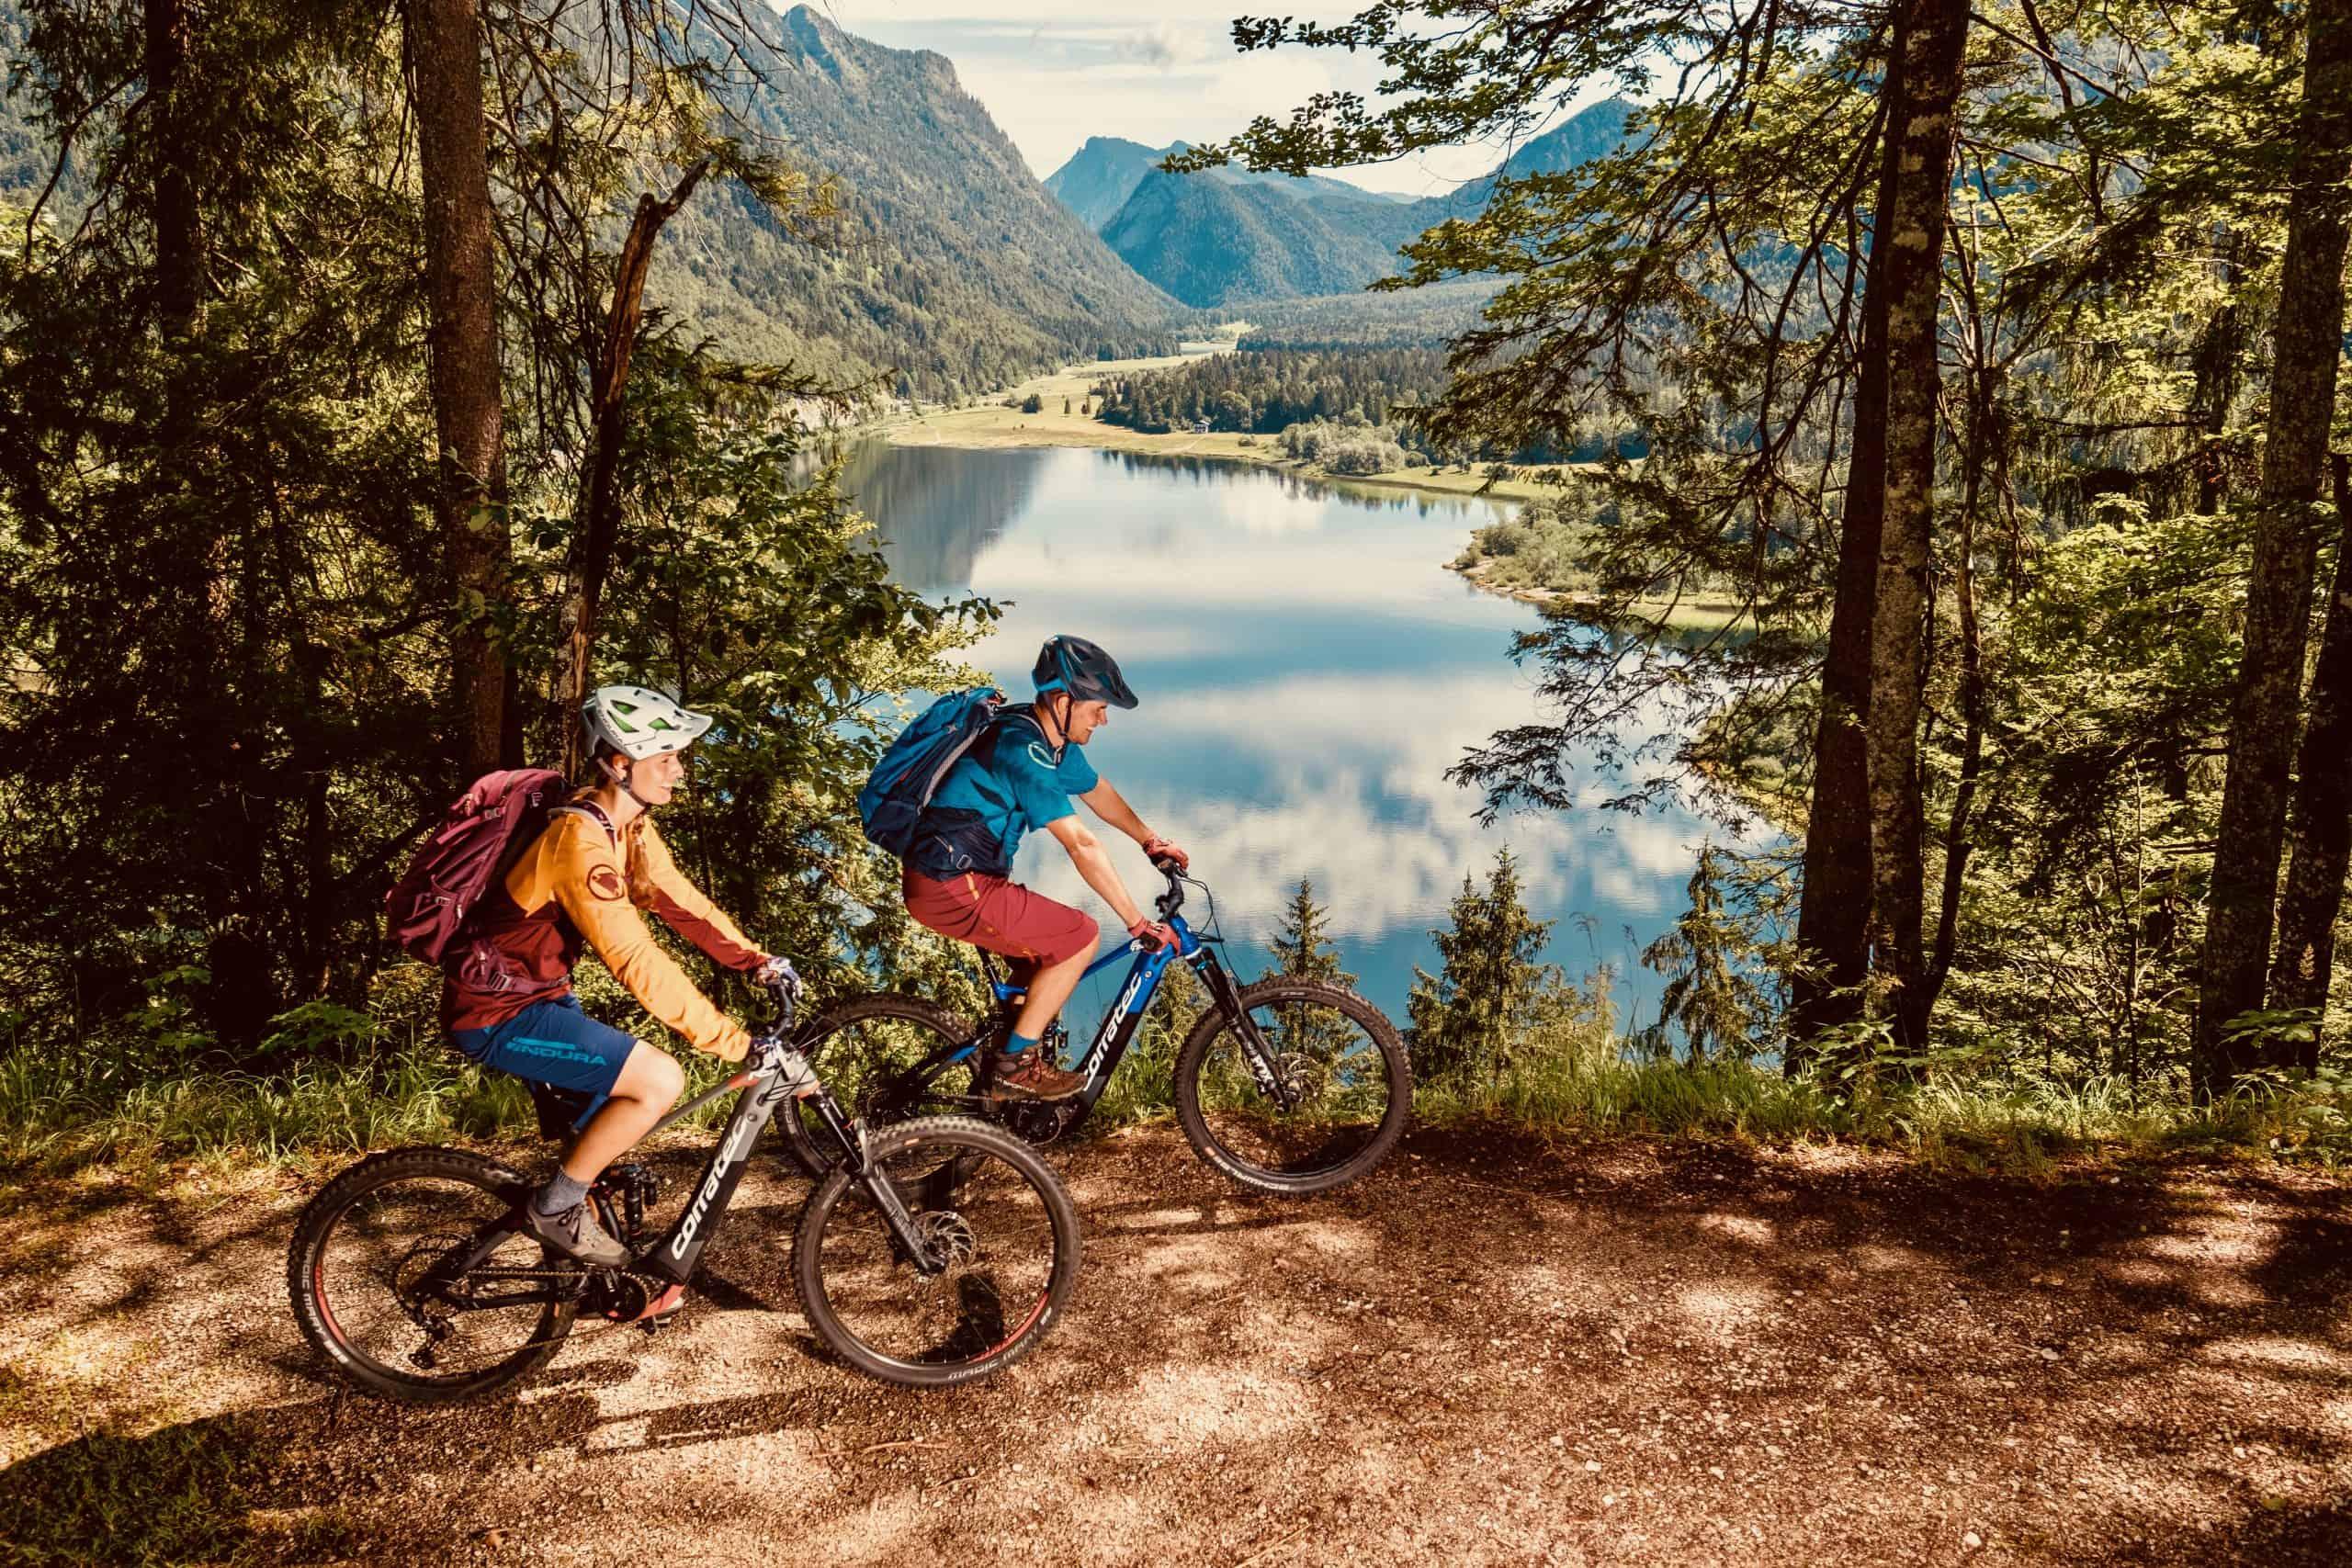 Mountainbiken am Weitsee - Ferienwohnungen Wolfenstetter in Reit im Winkl Copyright: Chiemgau Tourismus e.V.